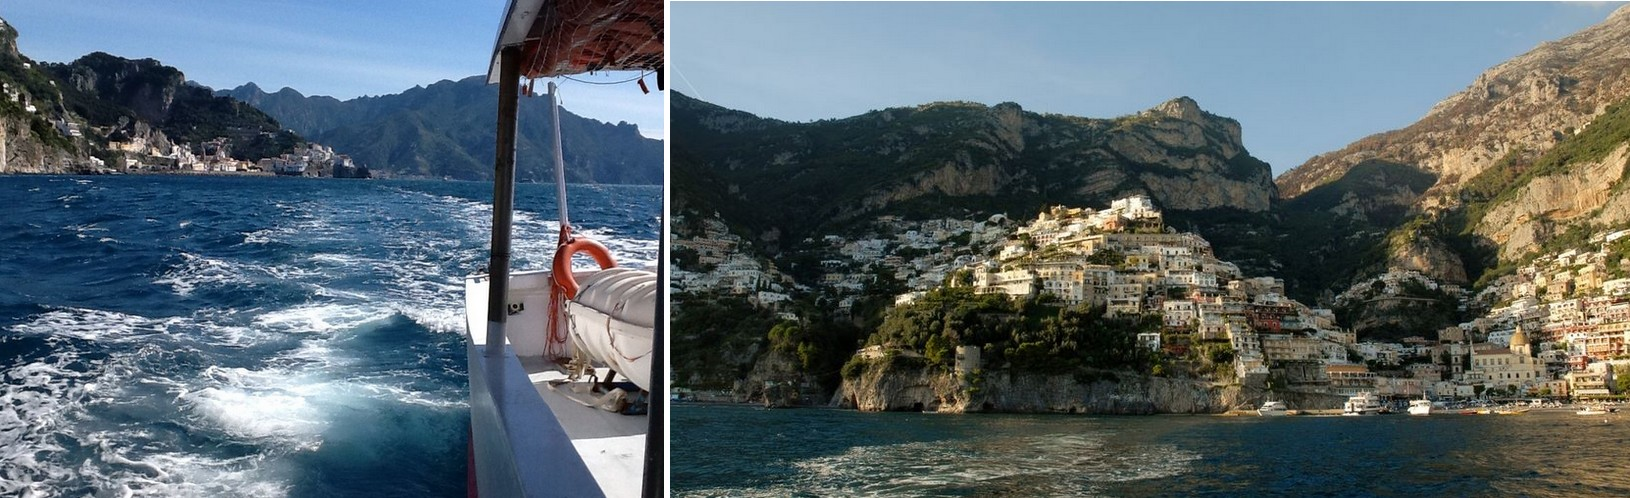 visiter-positano-bateau